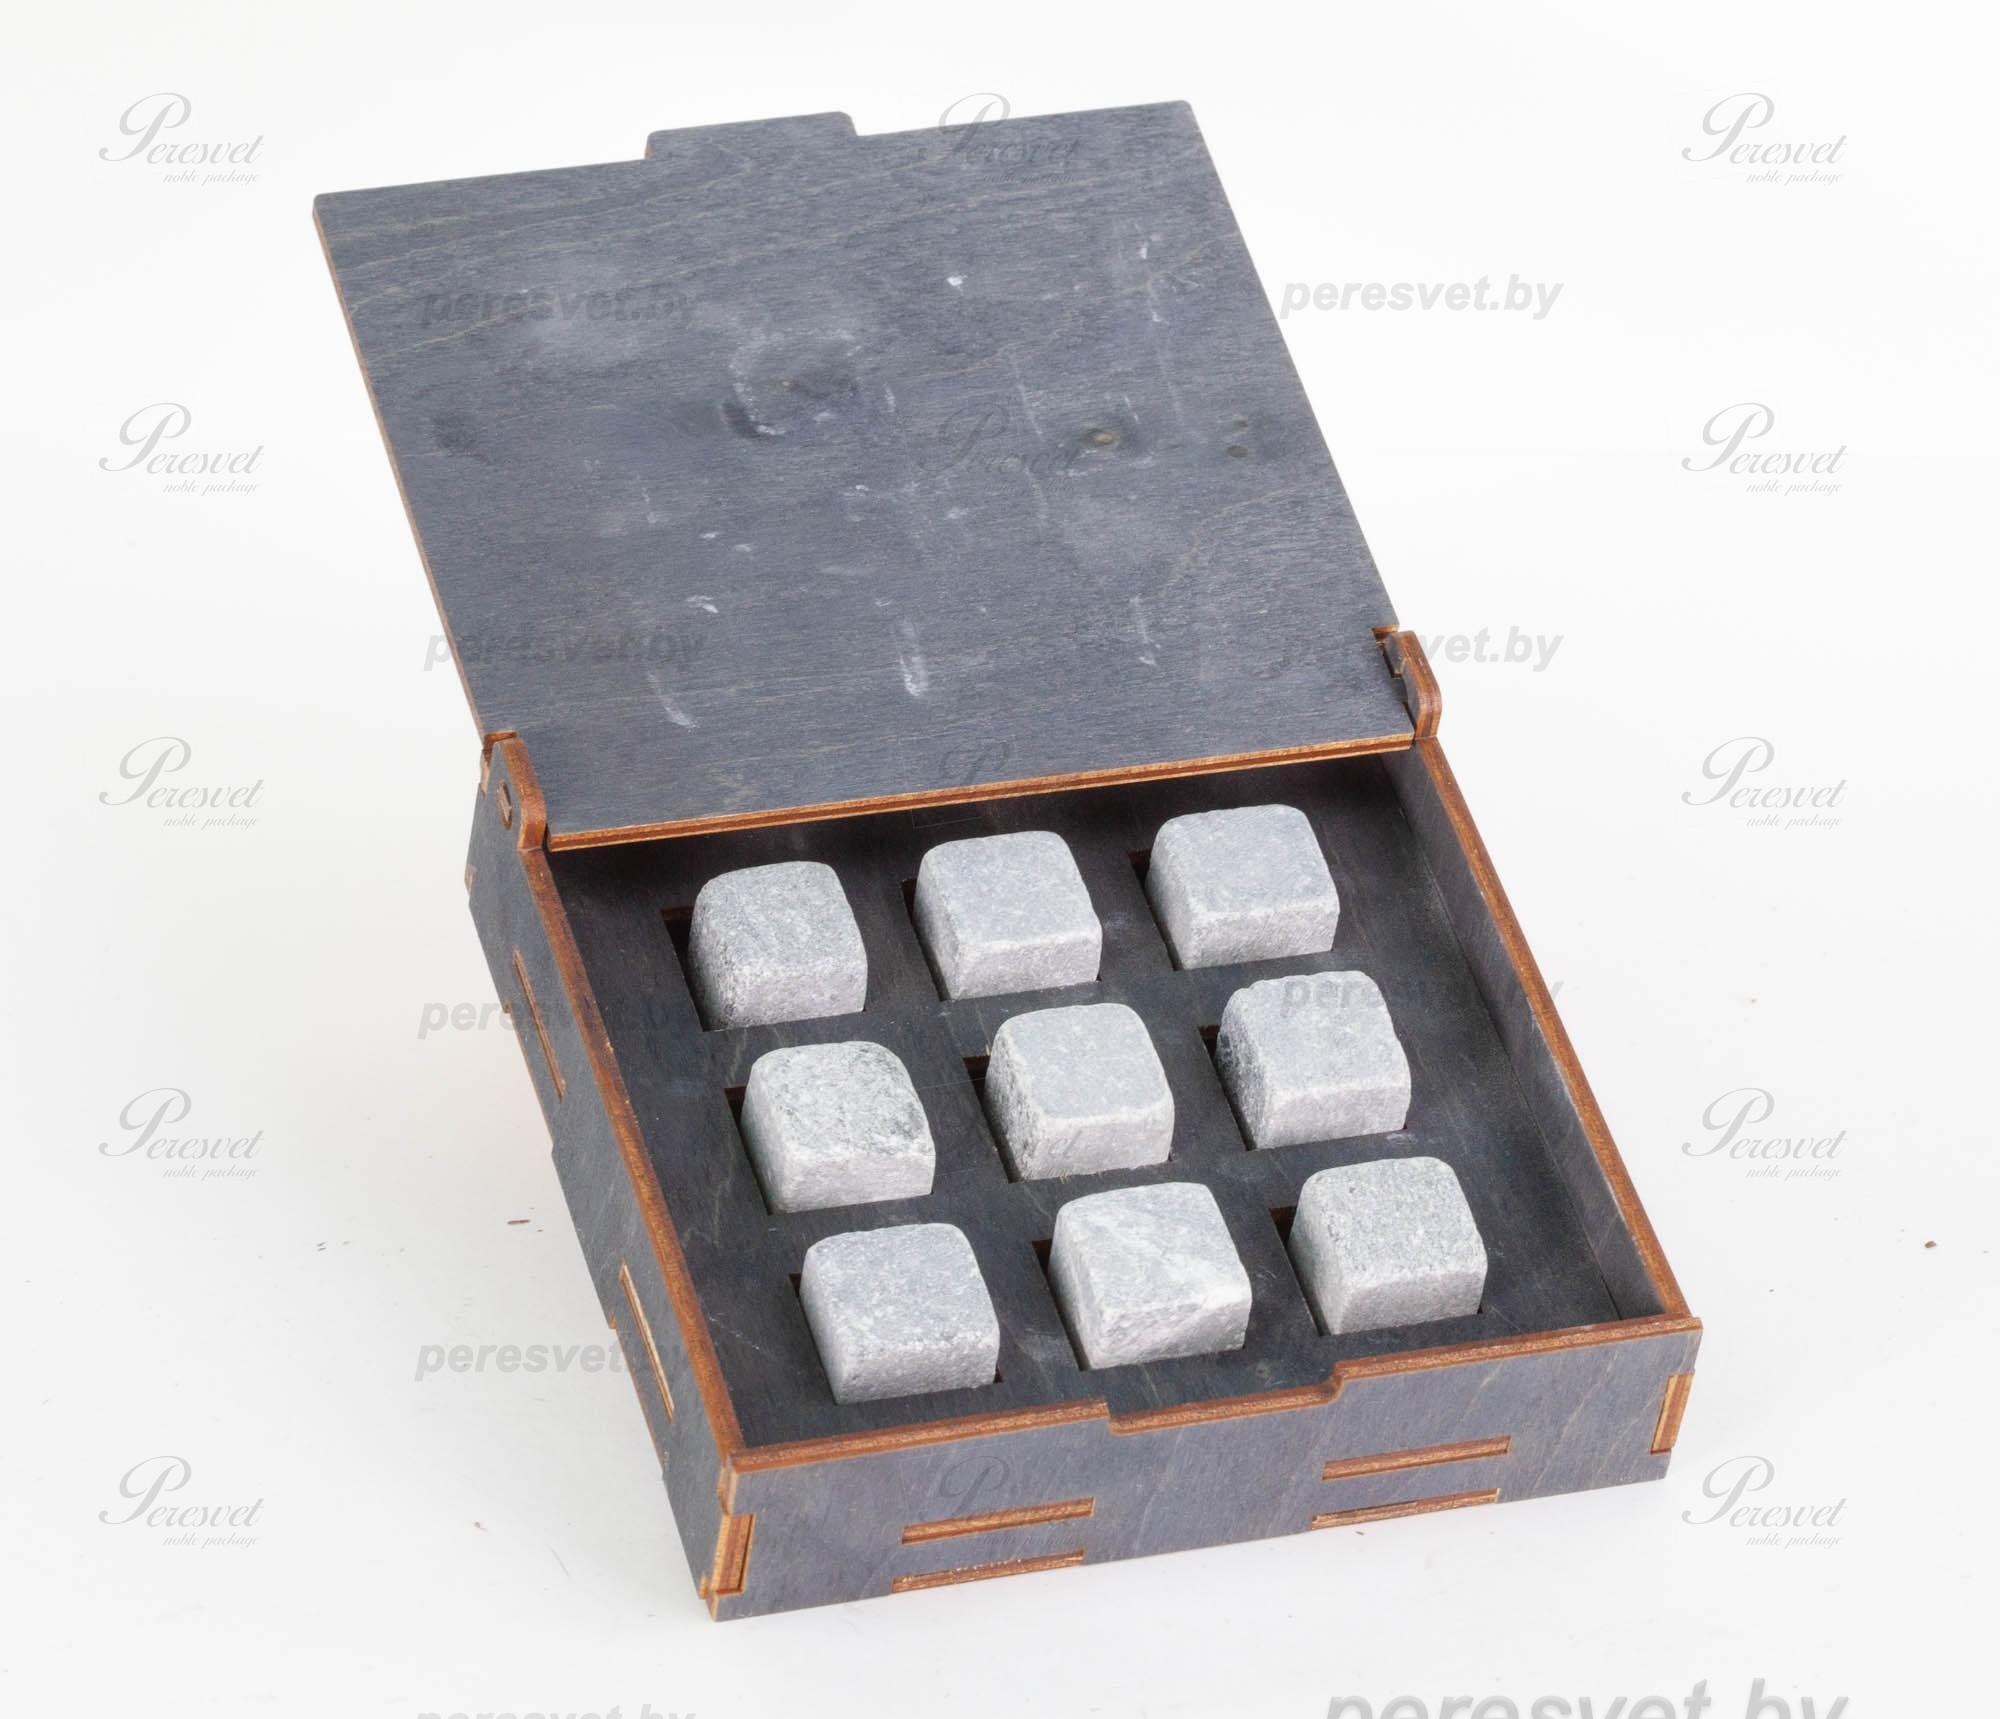 Элитный набор камней для Whiski в деревянной коробке на peresvet.by